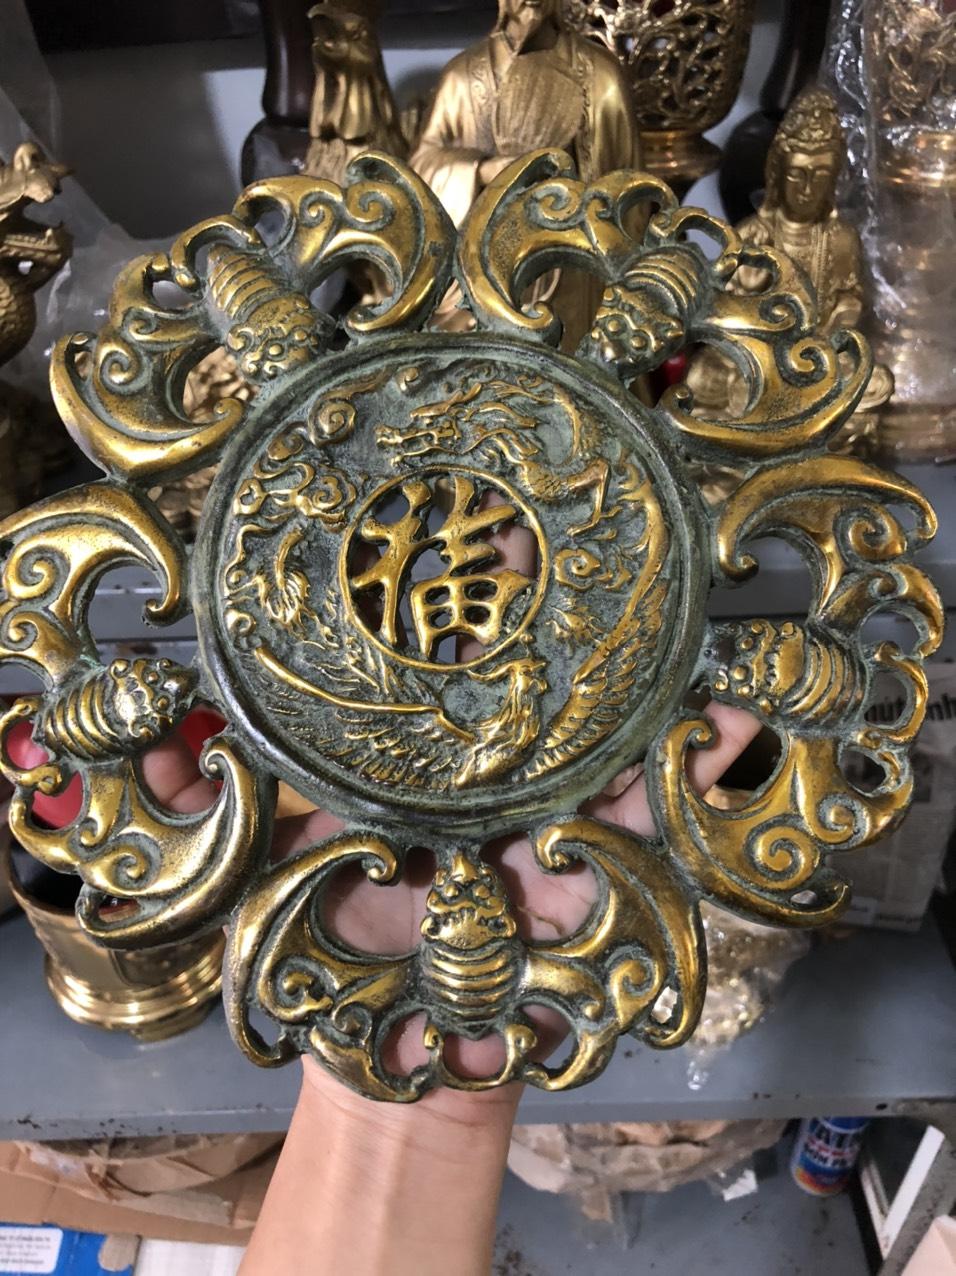 Võng ngũ phúc lâm môn bằng đồng giả cổ dk 22cm